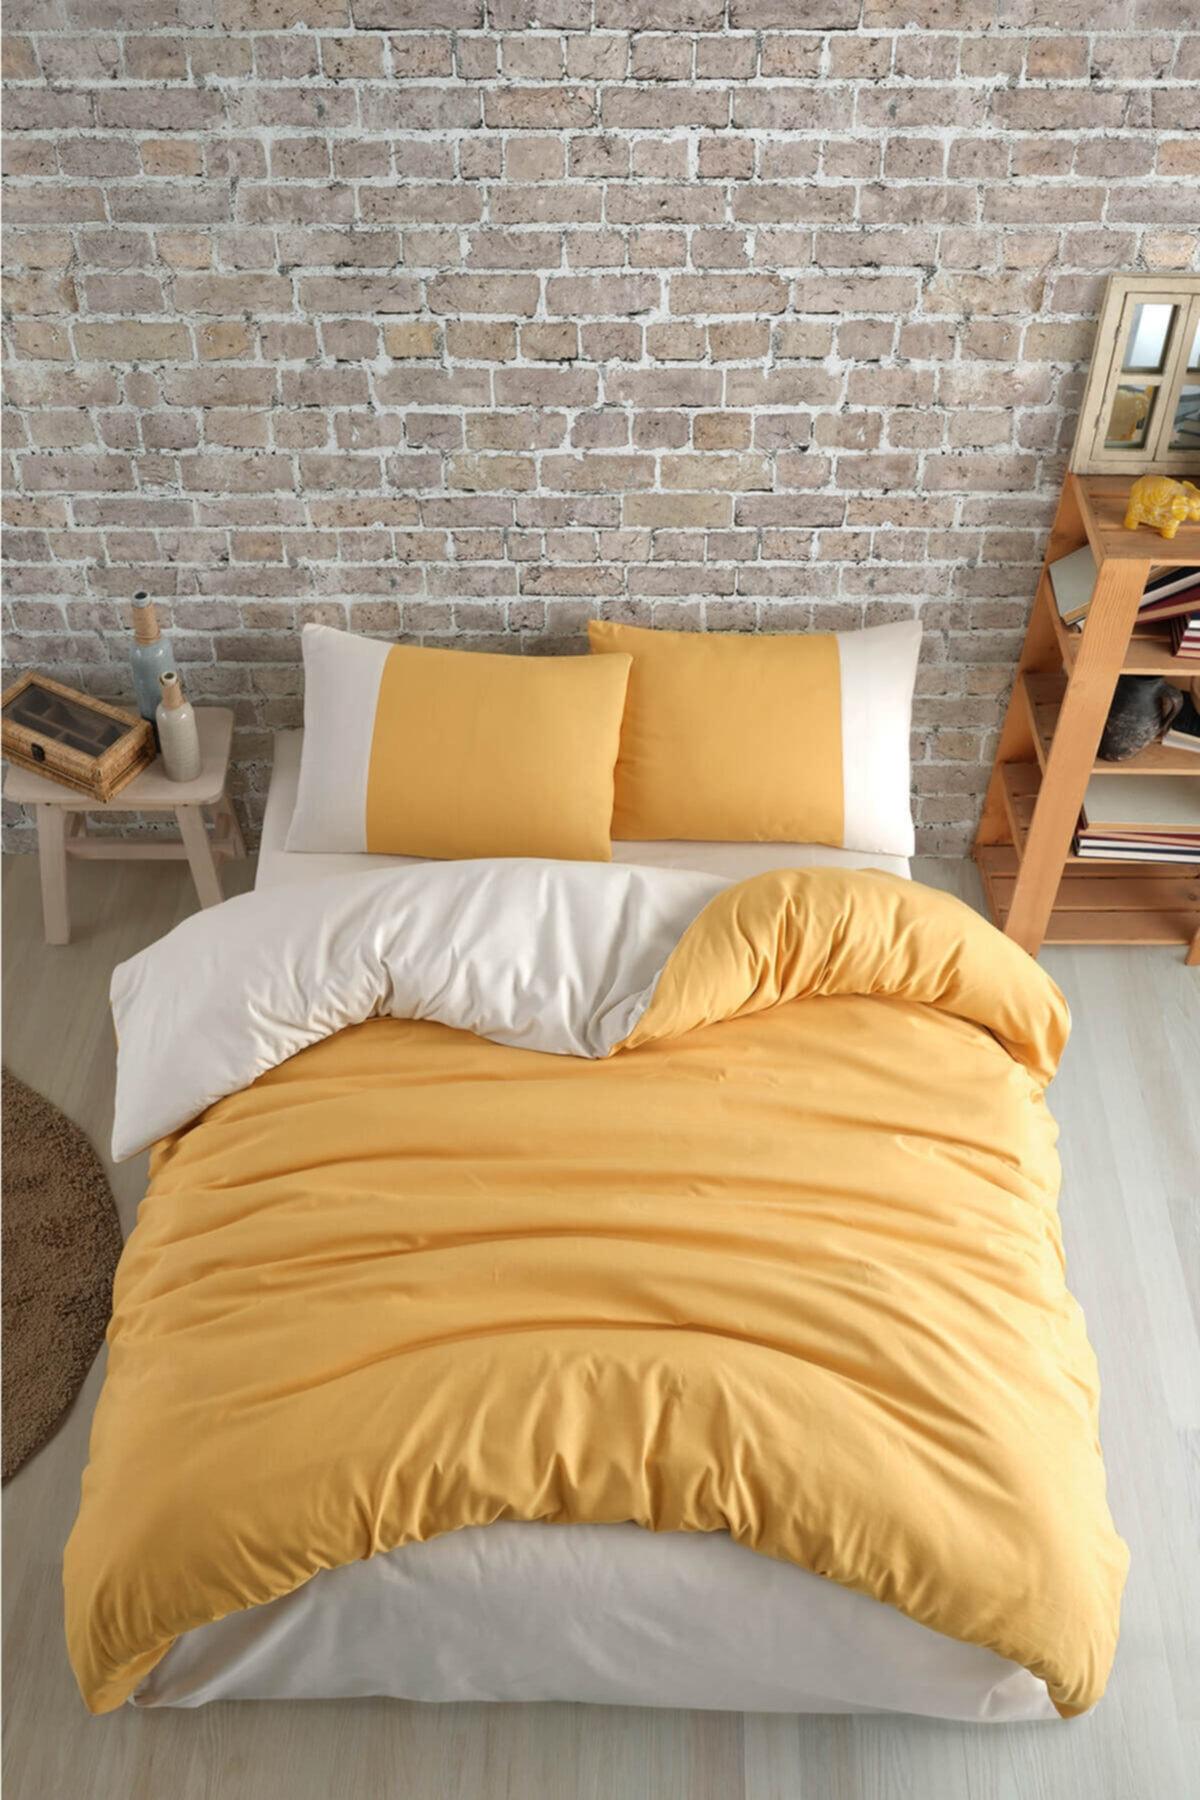 Cotton Touch Plain Series Çift Taraflı Sarı-krem Çift Kişilik Nevresim Takımı 2